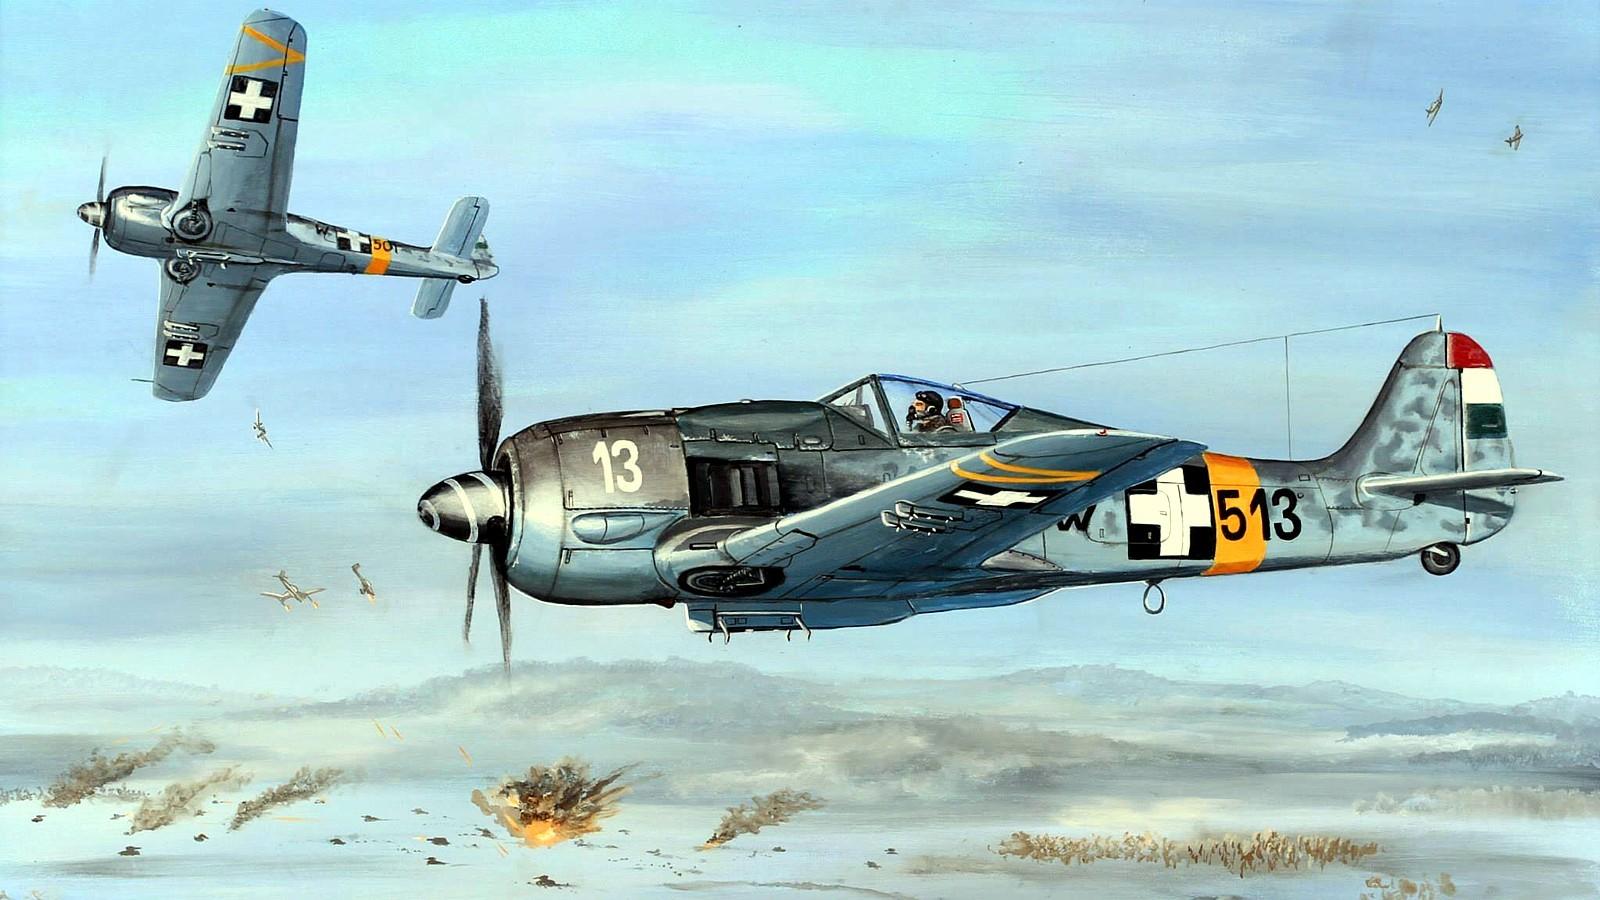 デスクトップ壁紙 車両 飛行機 ドイツ 軍事 軍用機 北アメリカ